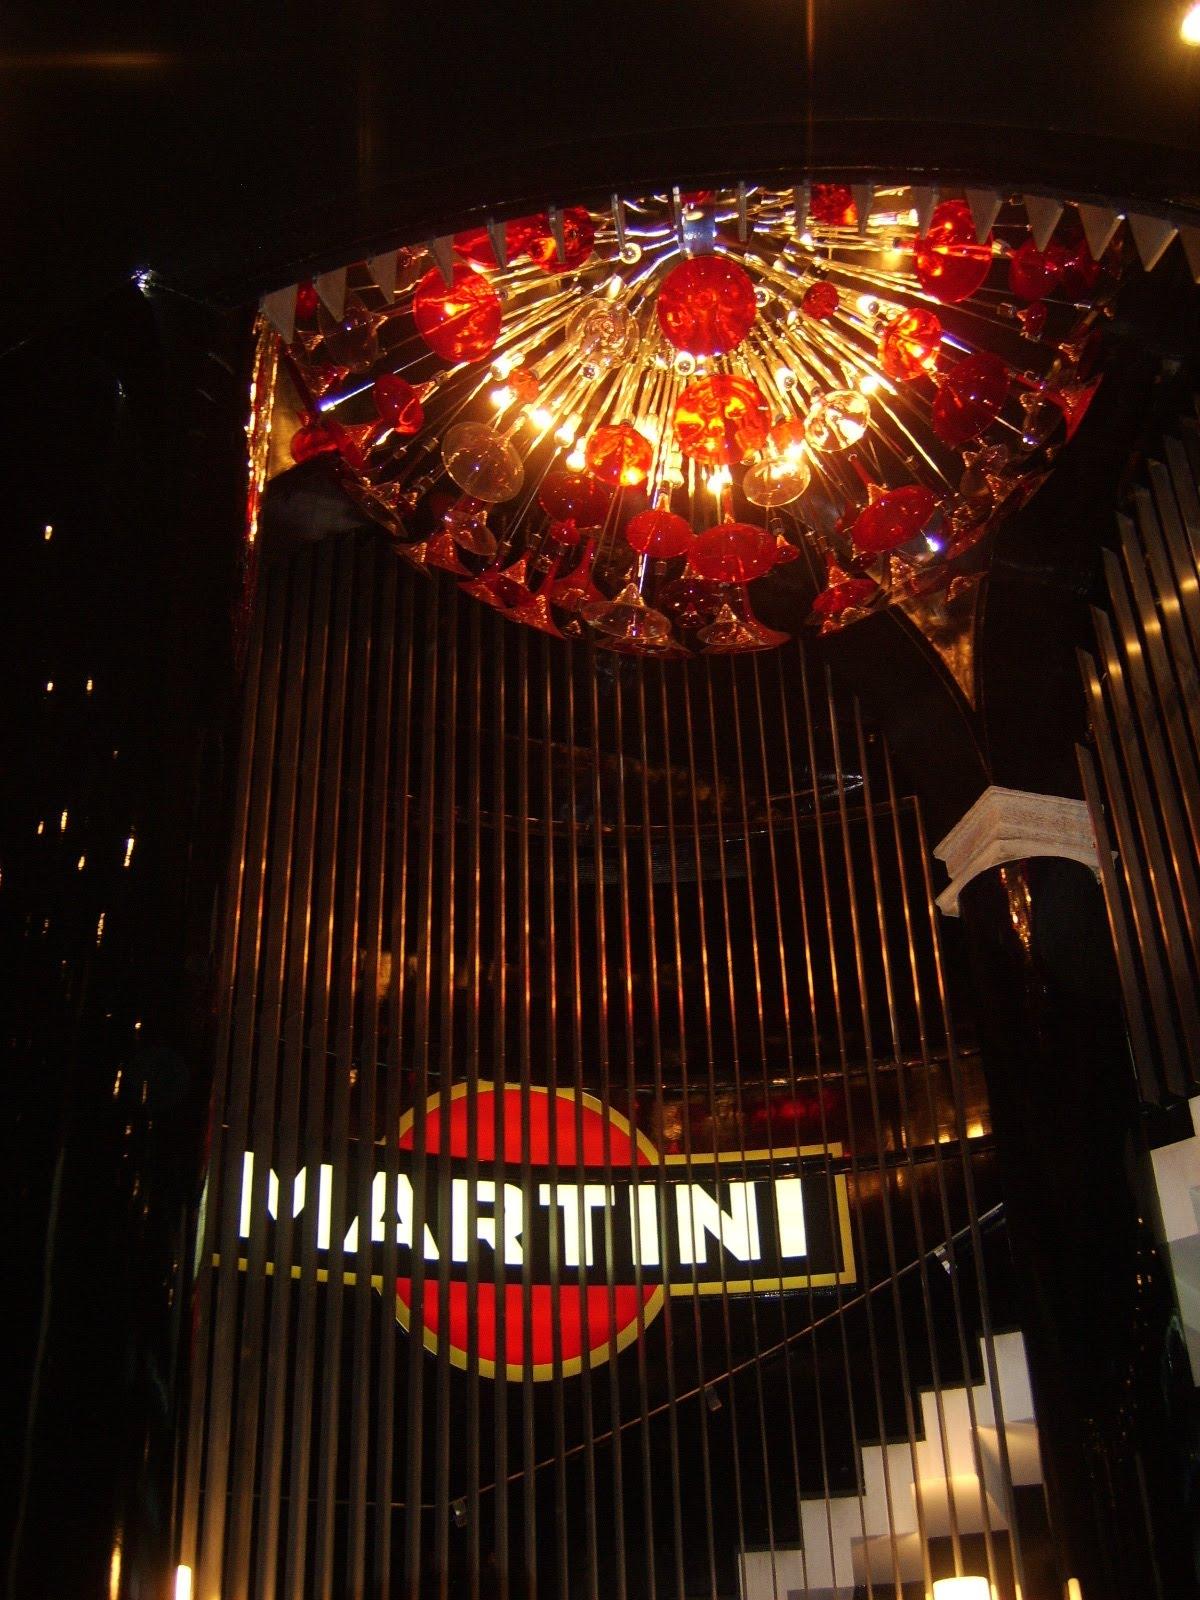 Martin e Dolce Gabbana, Bar Milano